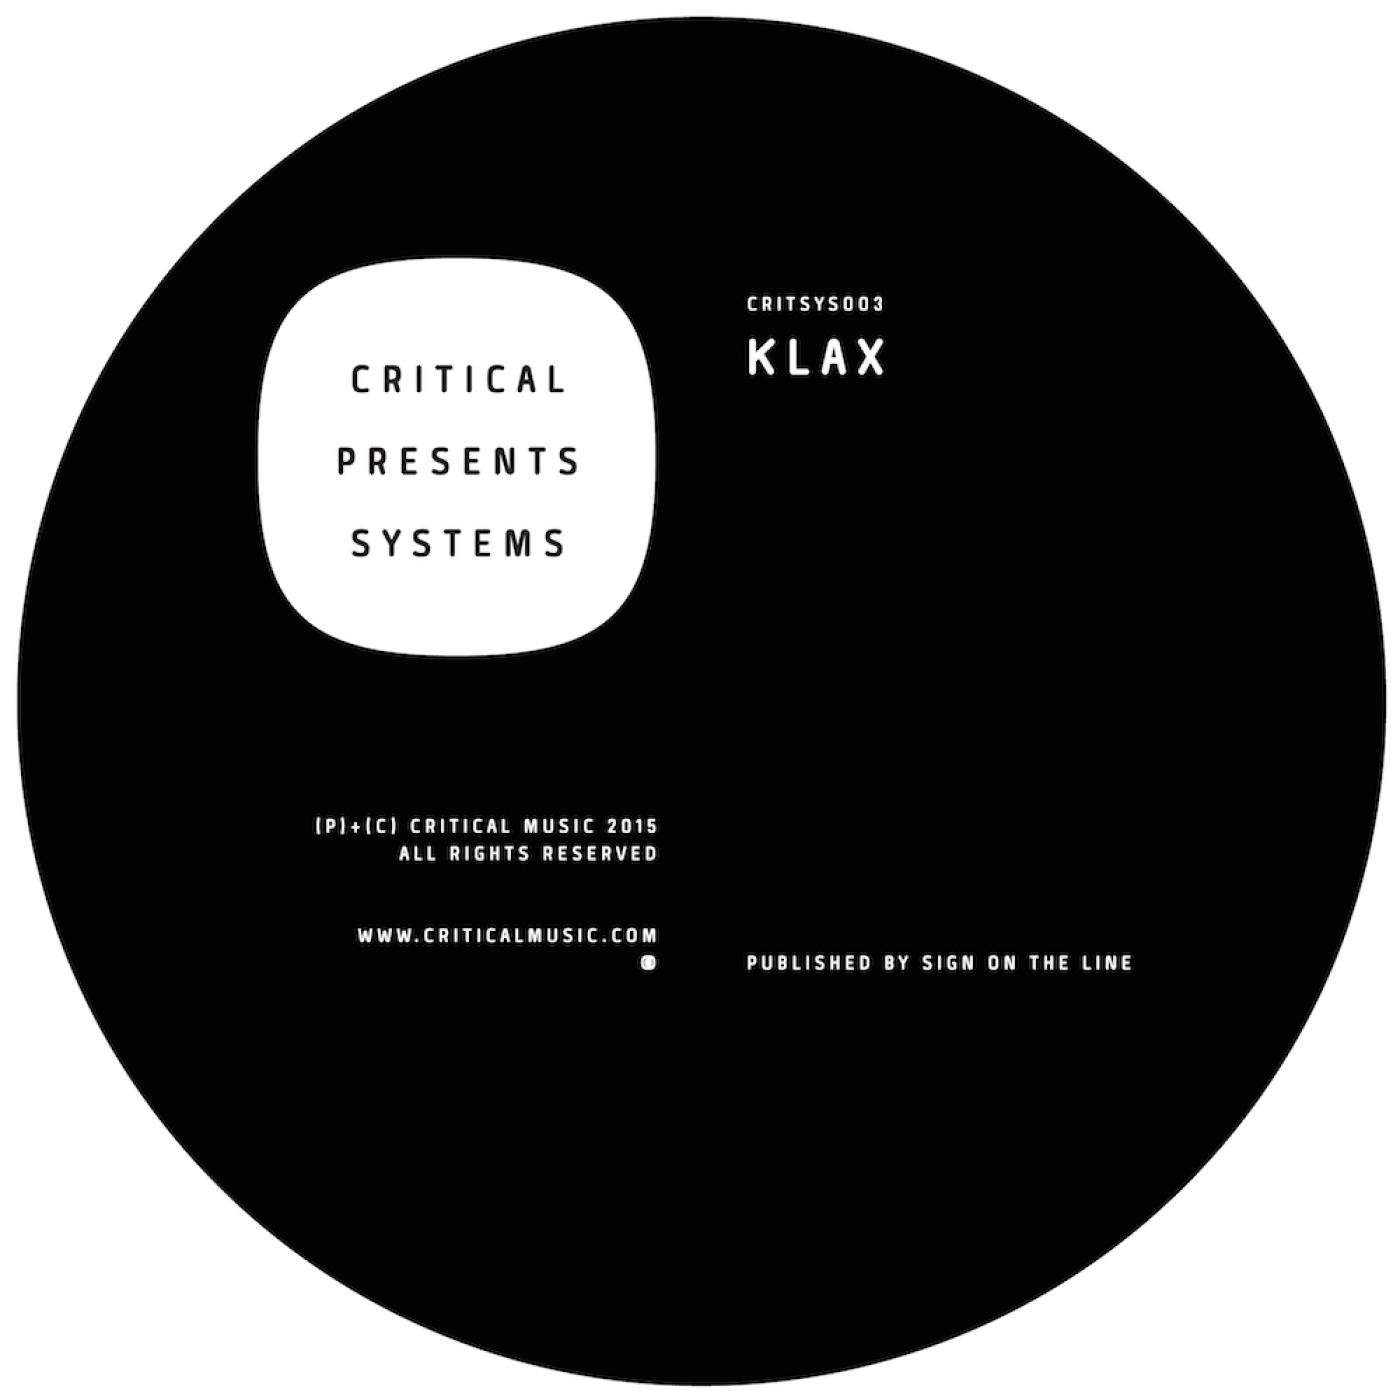 Critical Presents - Systems Vol.2 - Klax